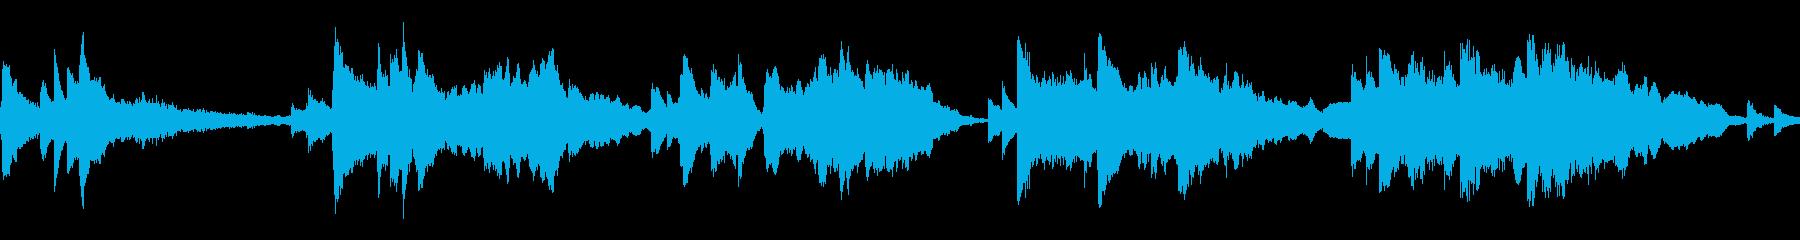 ファンタジックなプロローグの再生済みの波形